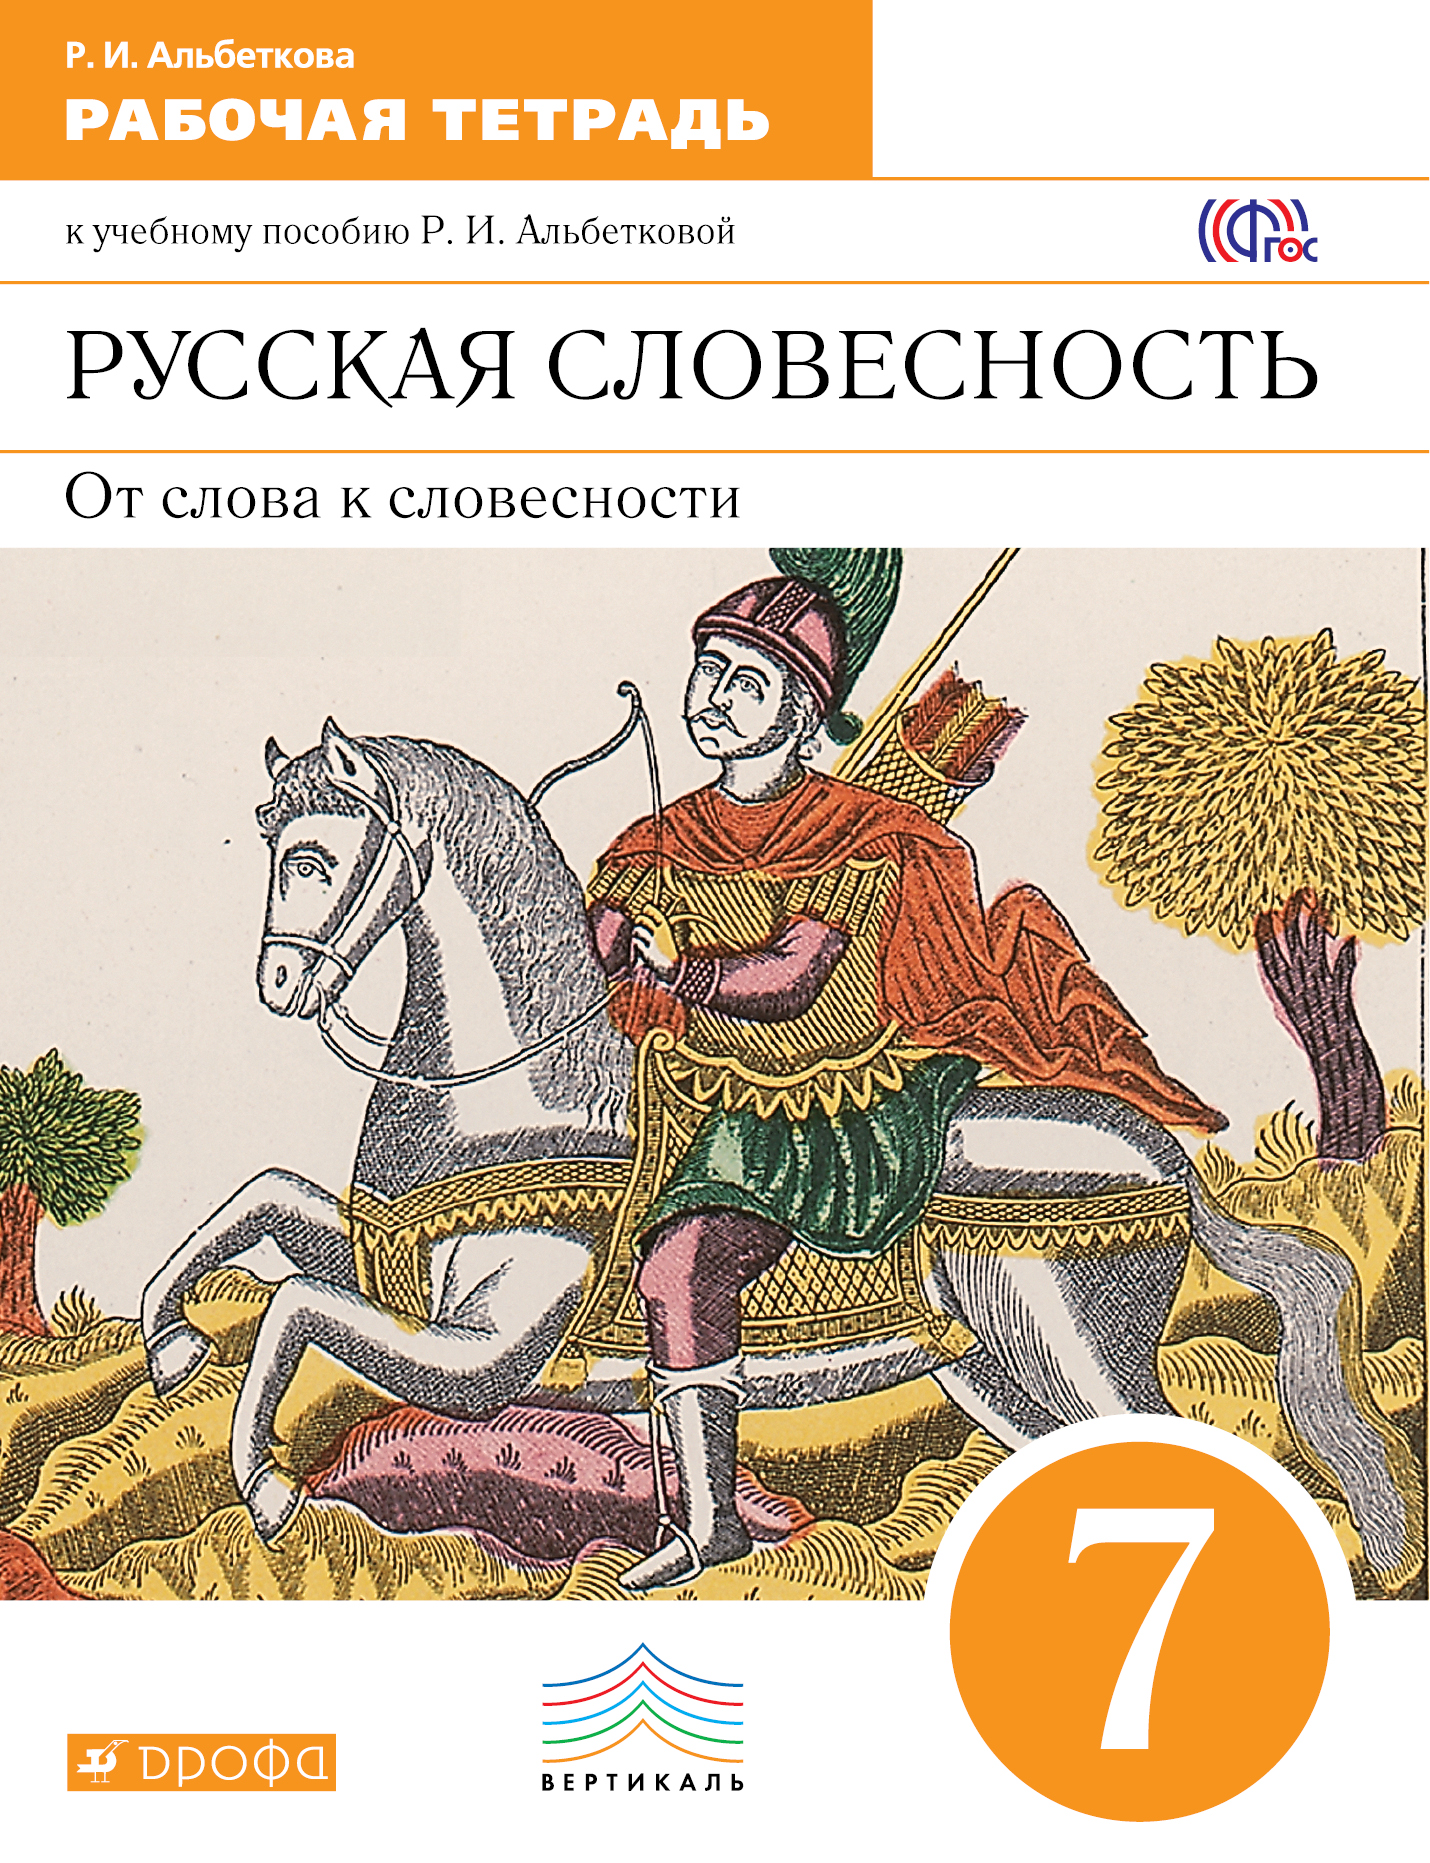 7 альбеткова гдз русская учебник словесность класс